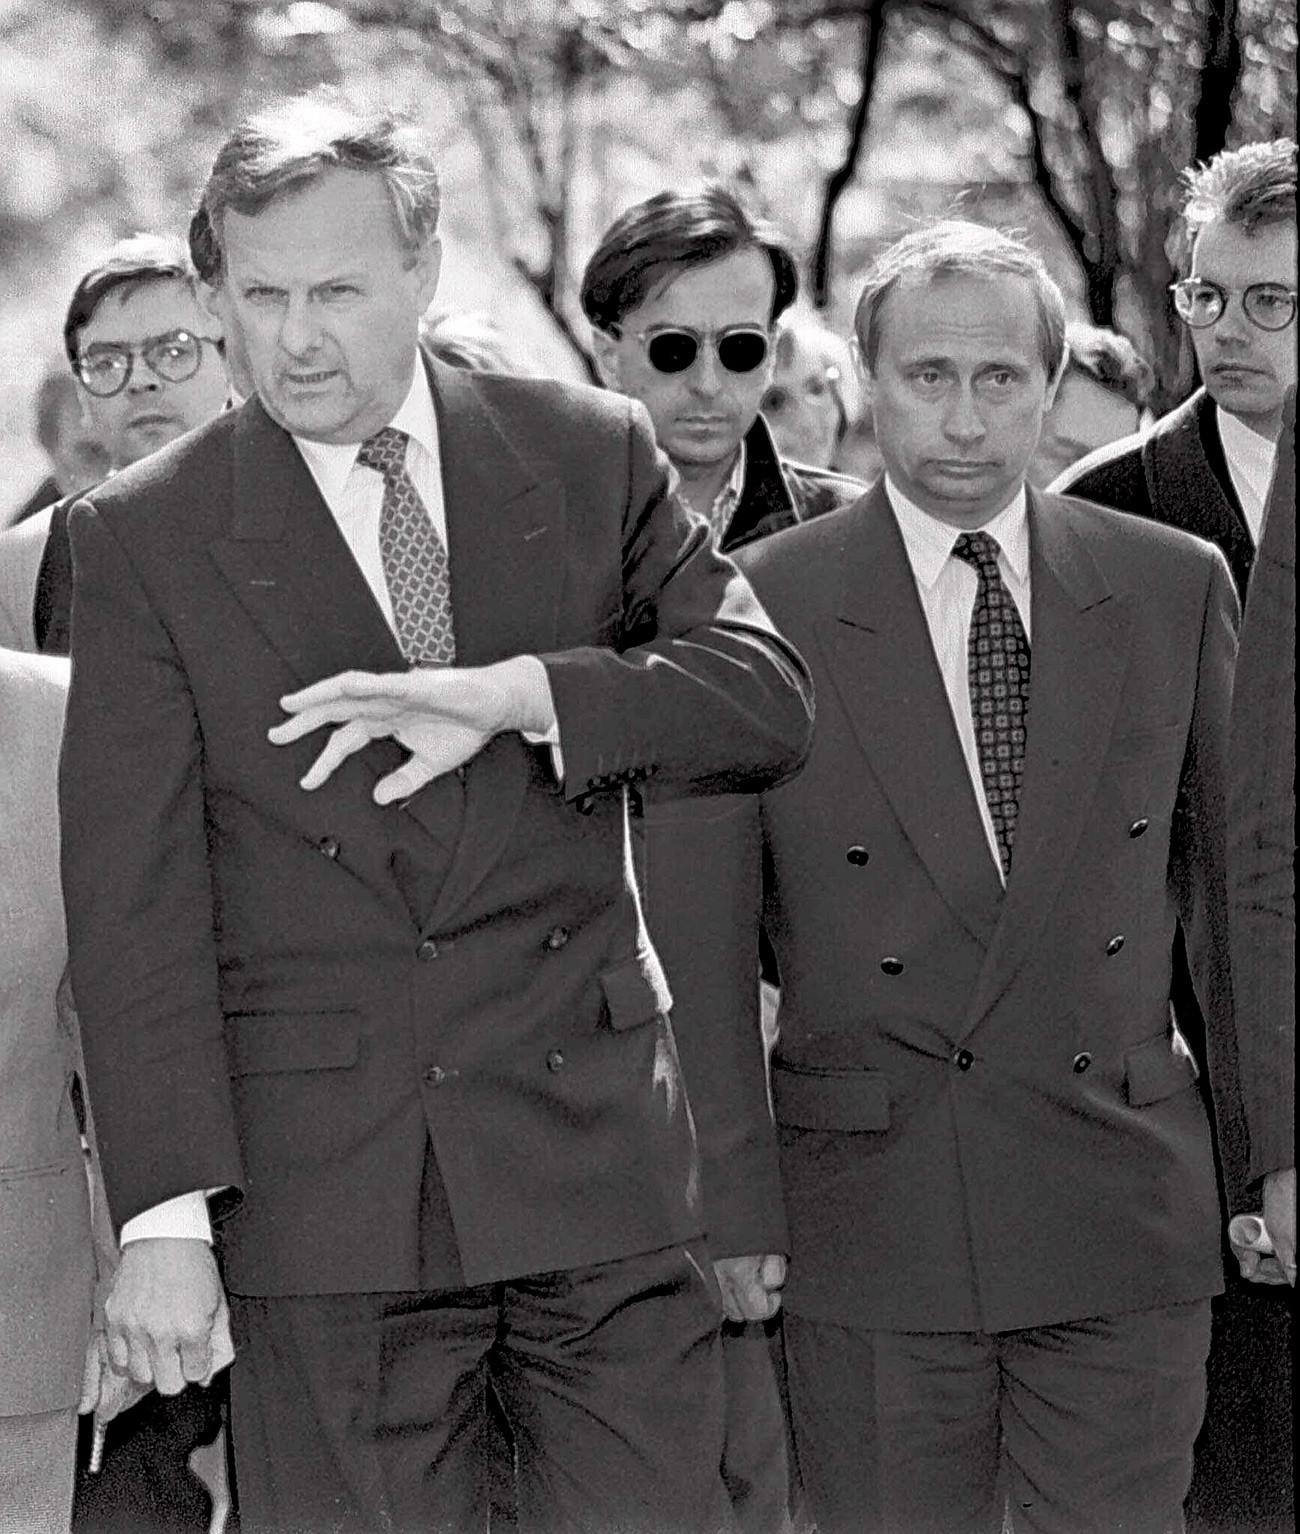 サンクトペテルブルク市長アナトリー・サプチャークと第一副市長ウラジーミル・プーチン